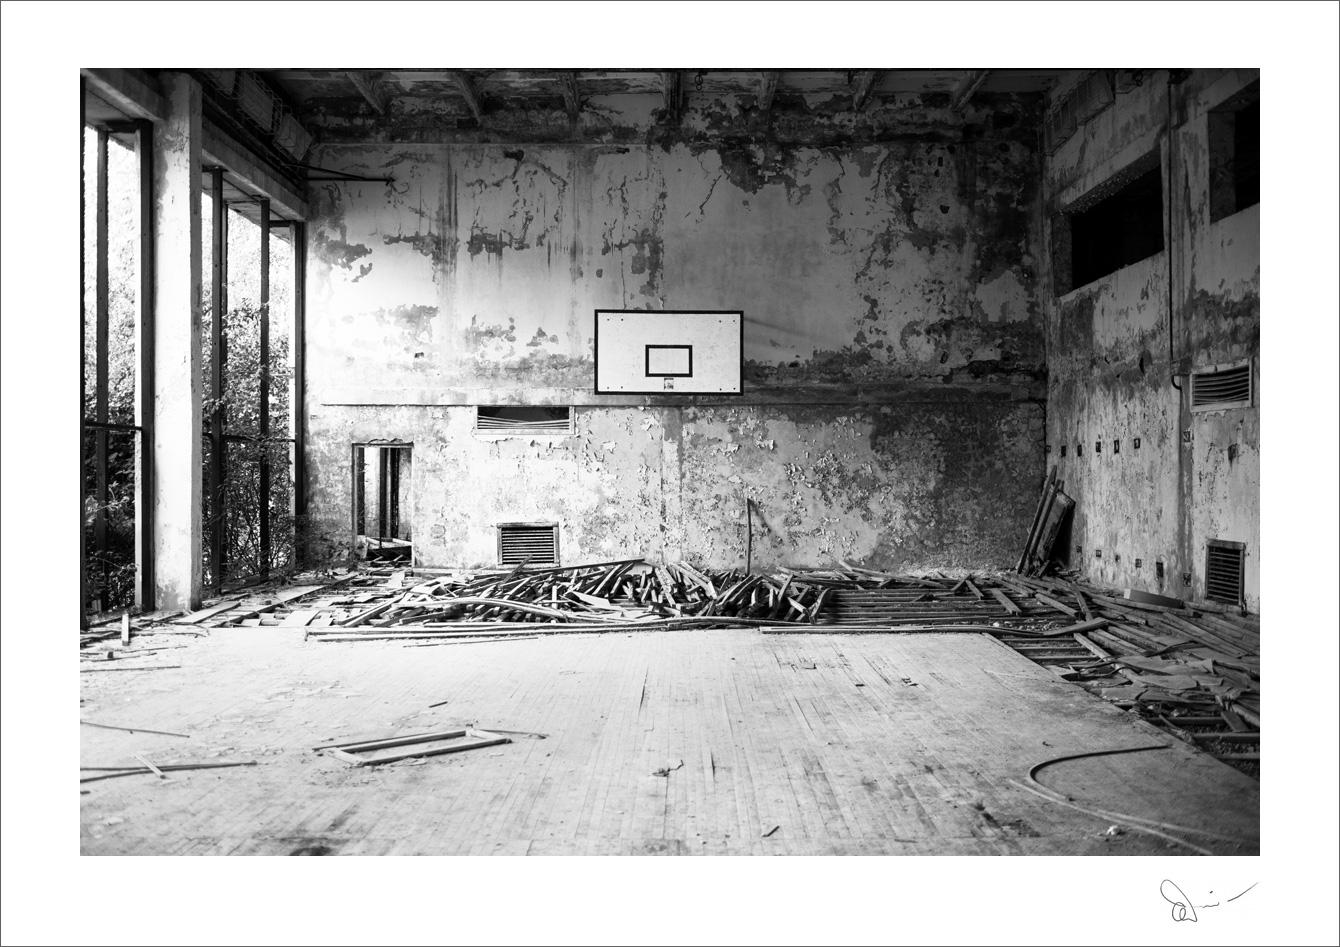 Chernobyl #3